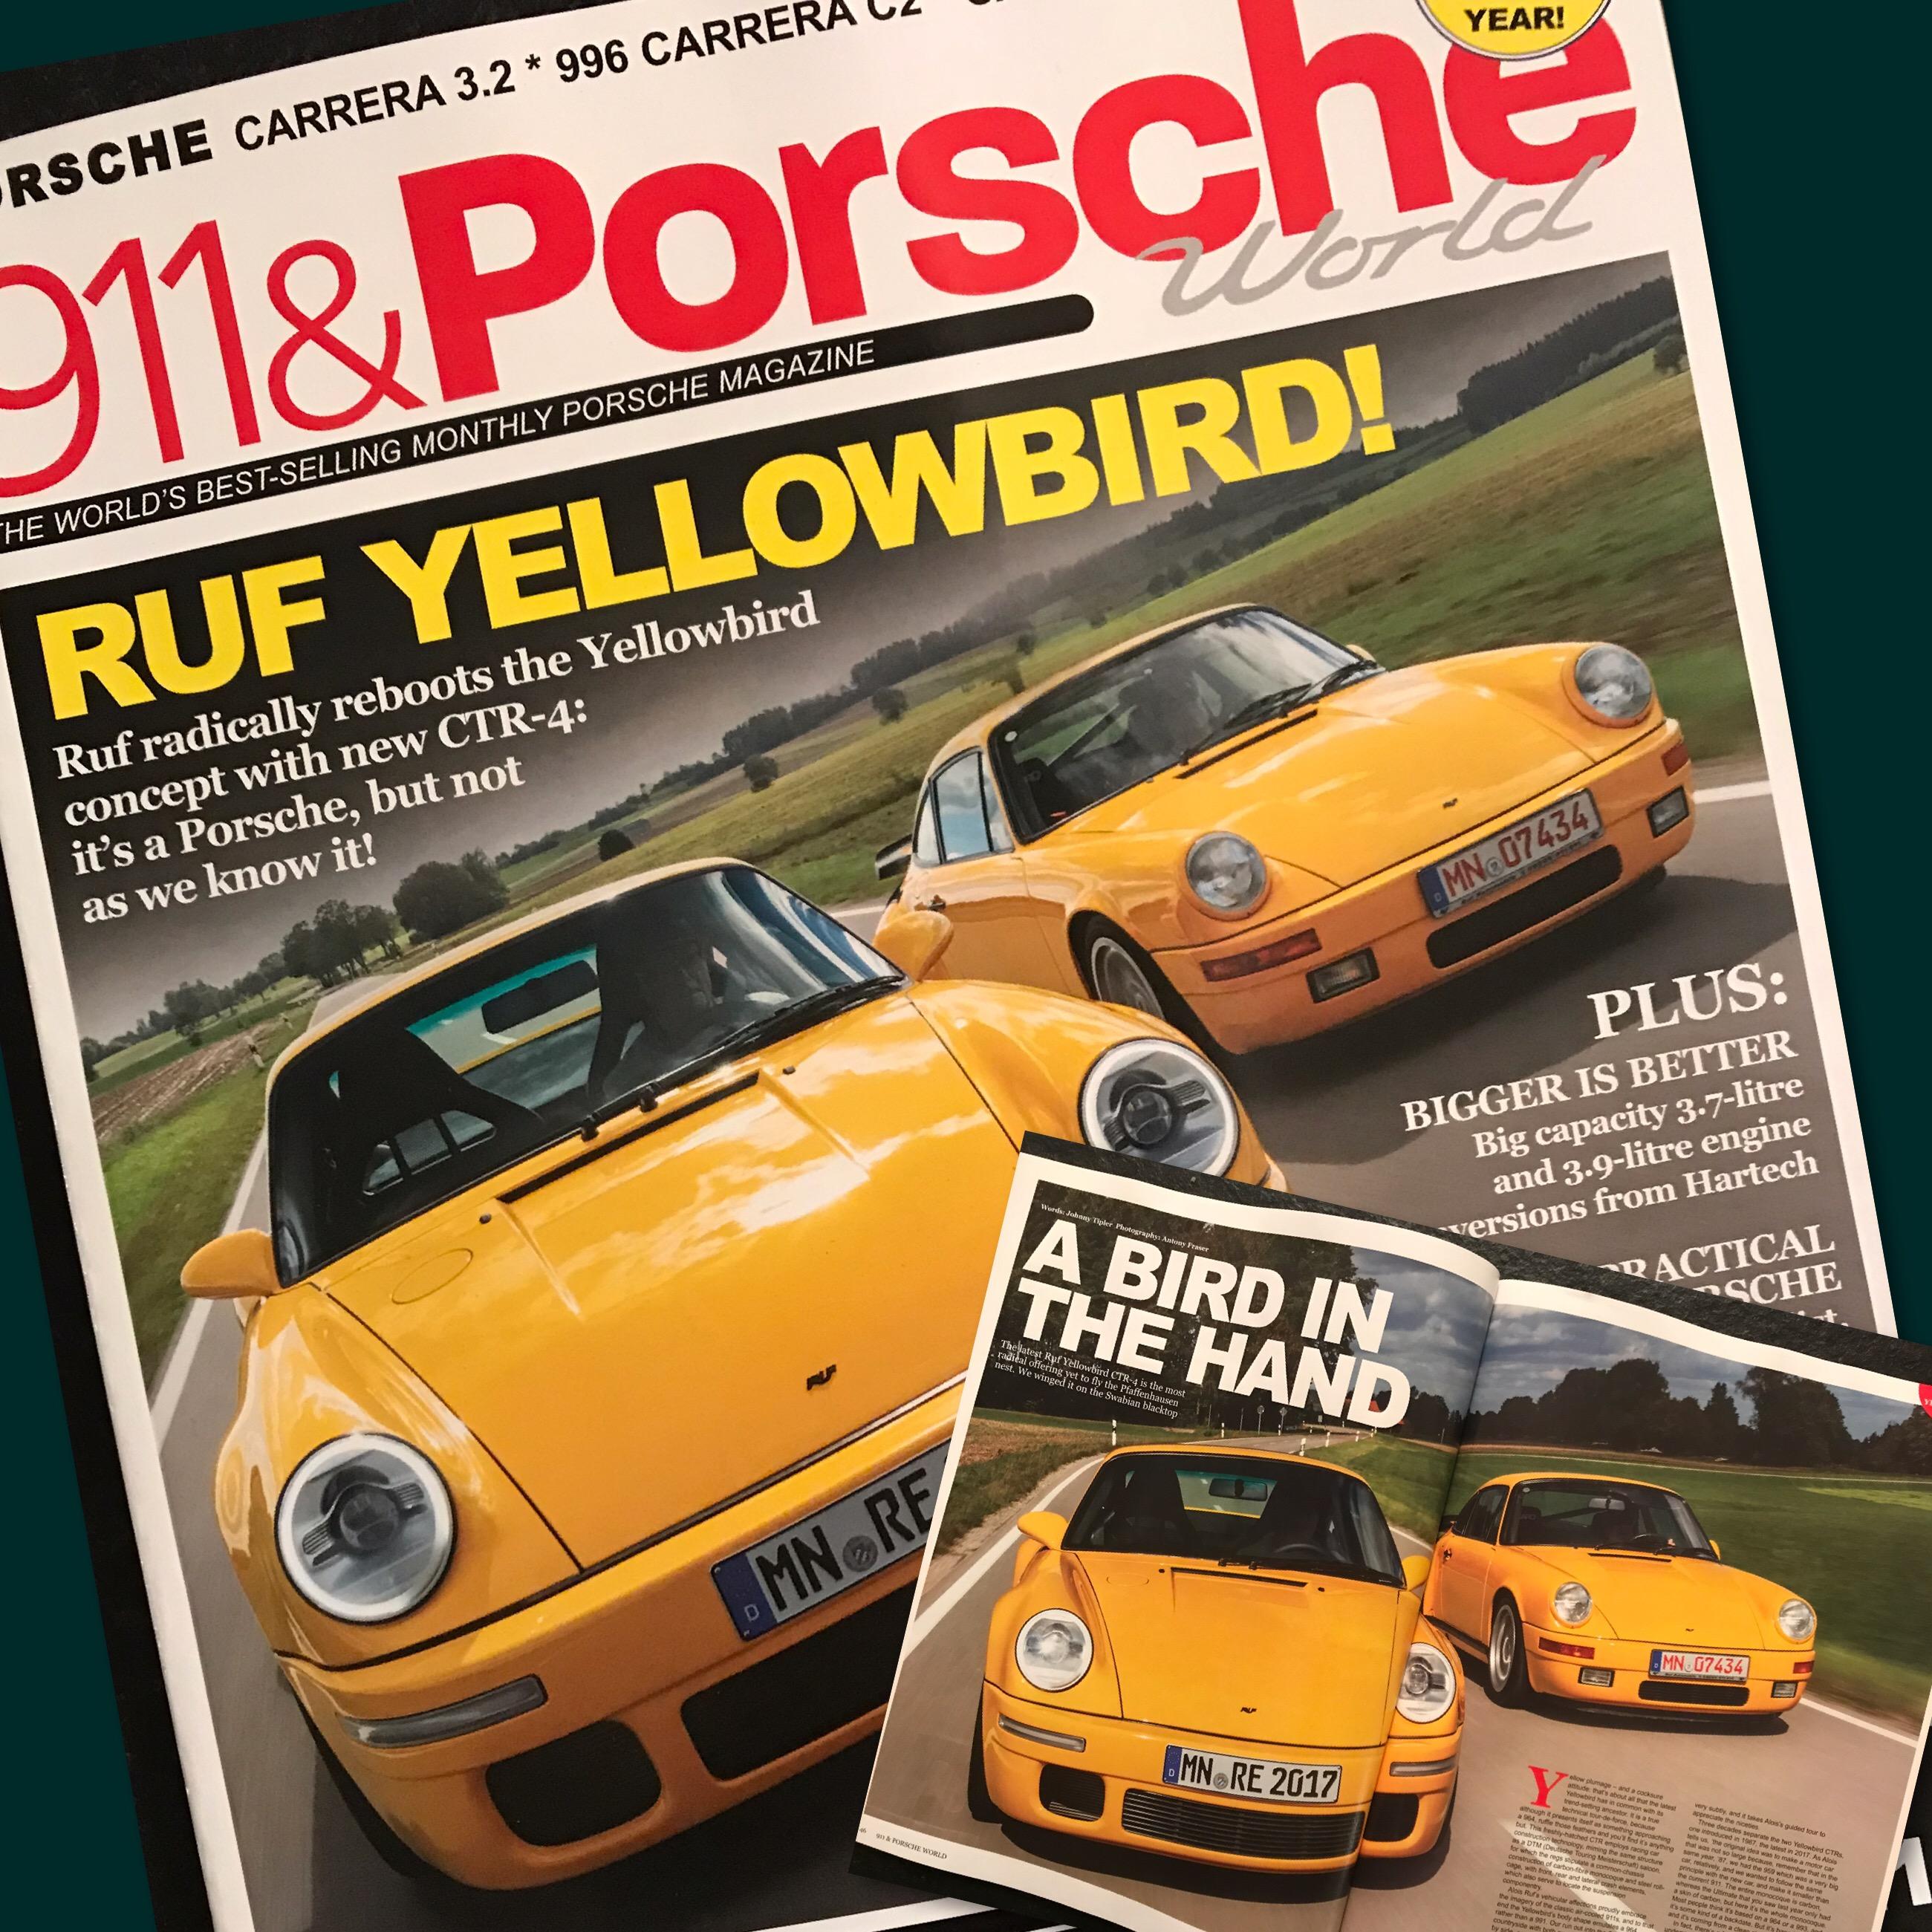 911&Porsche World Magazine Dec 2018